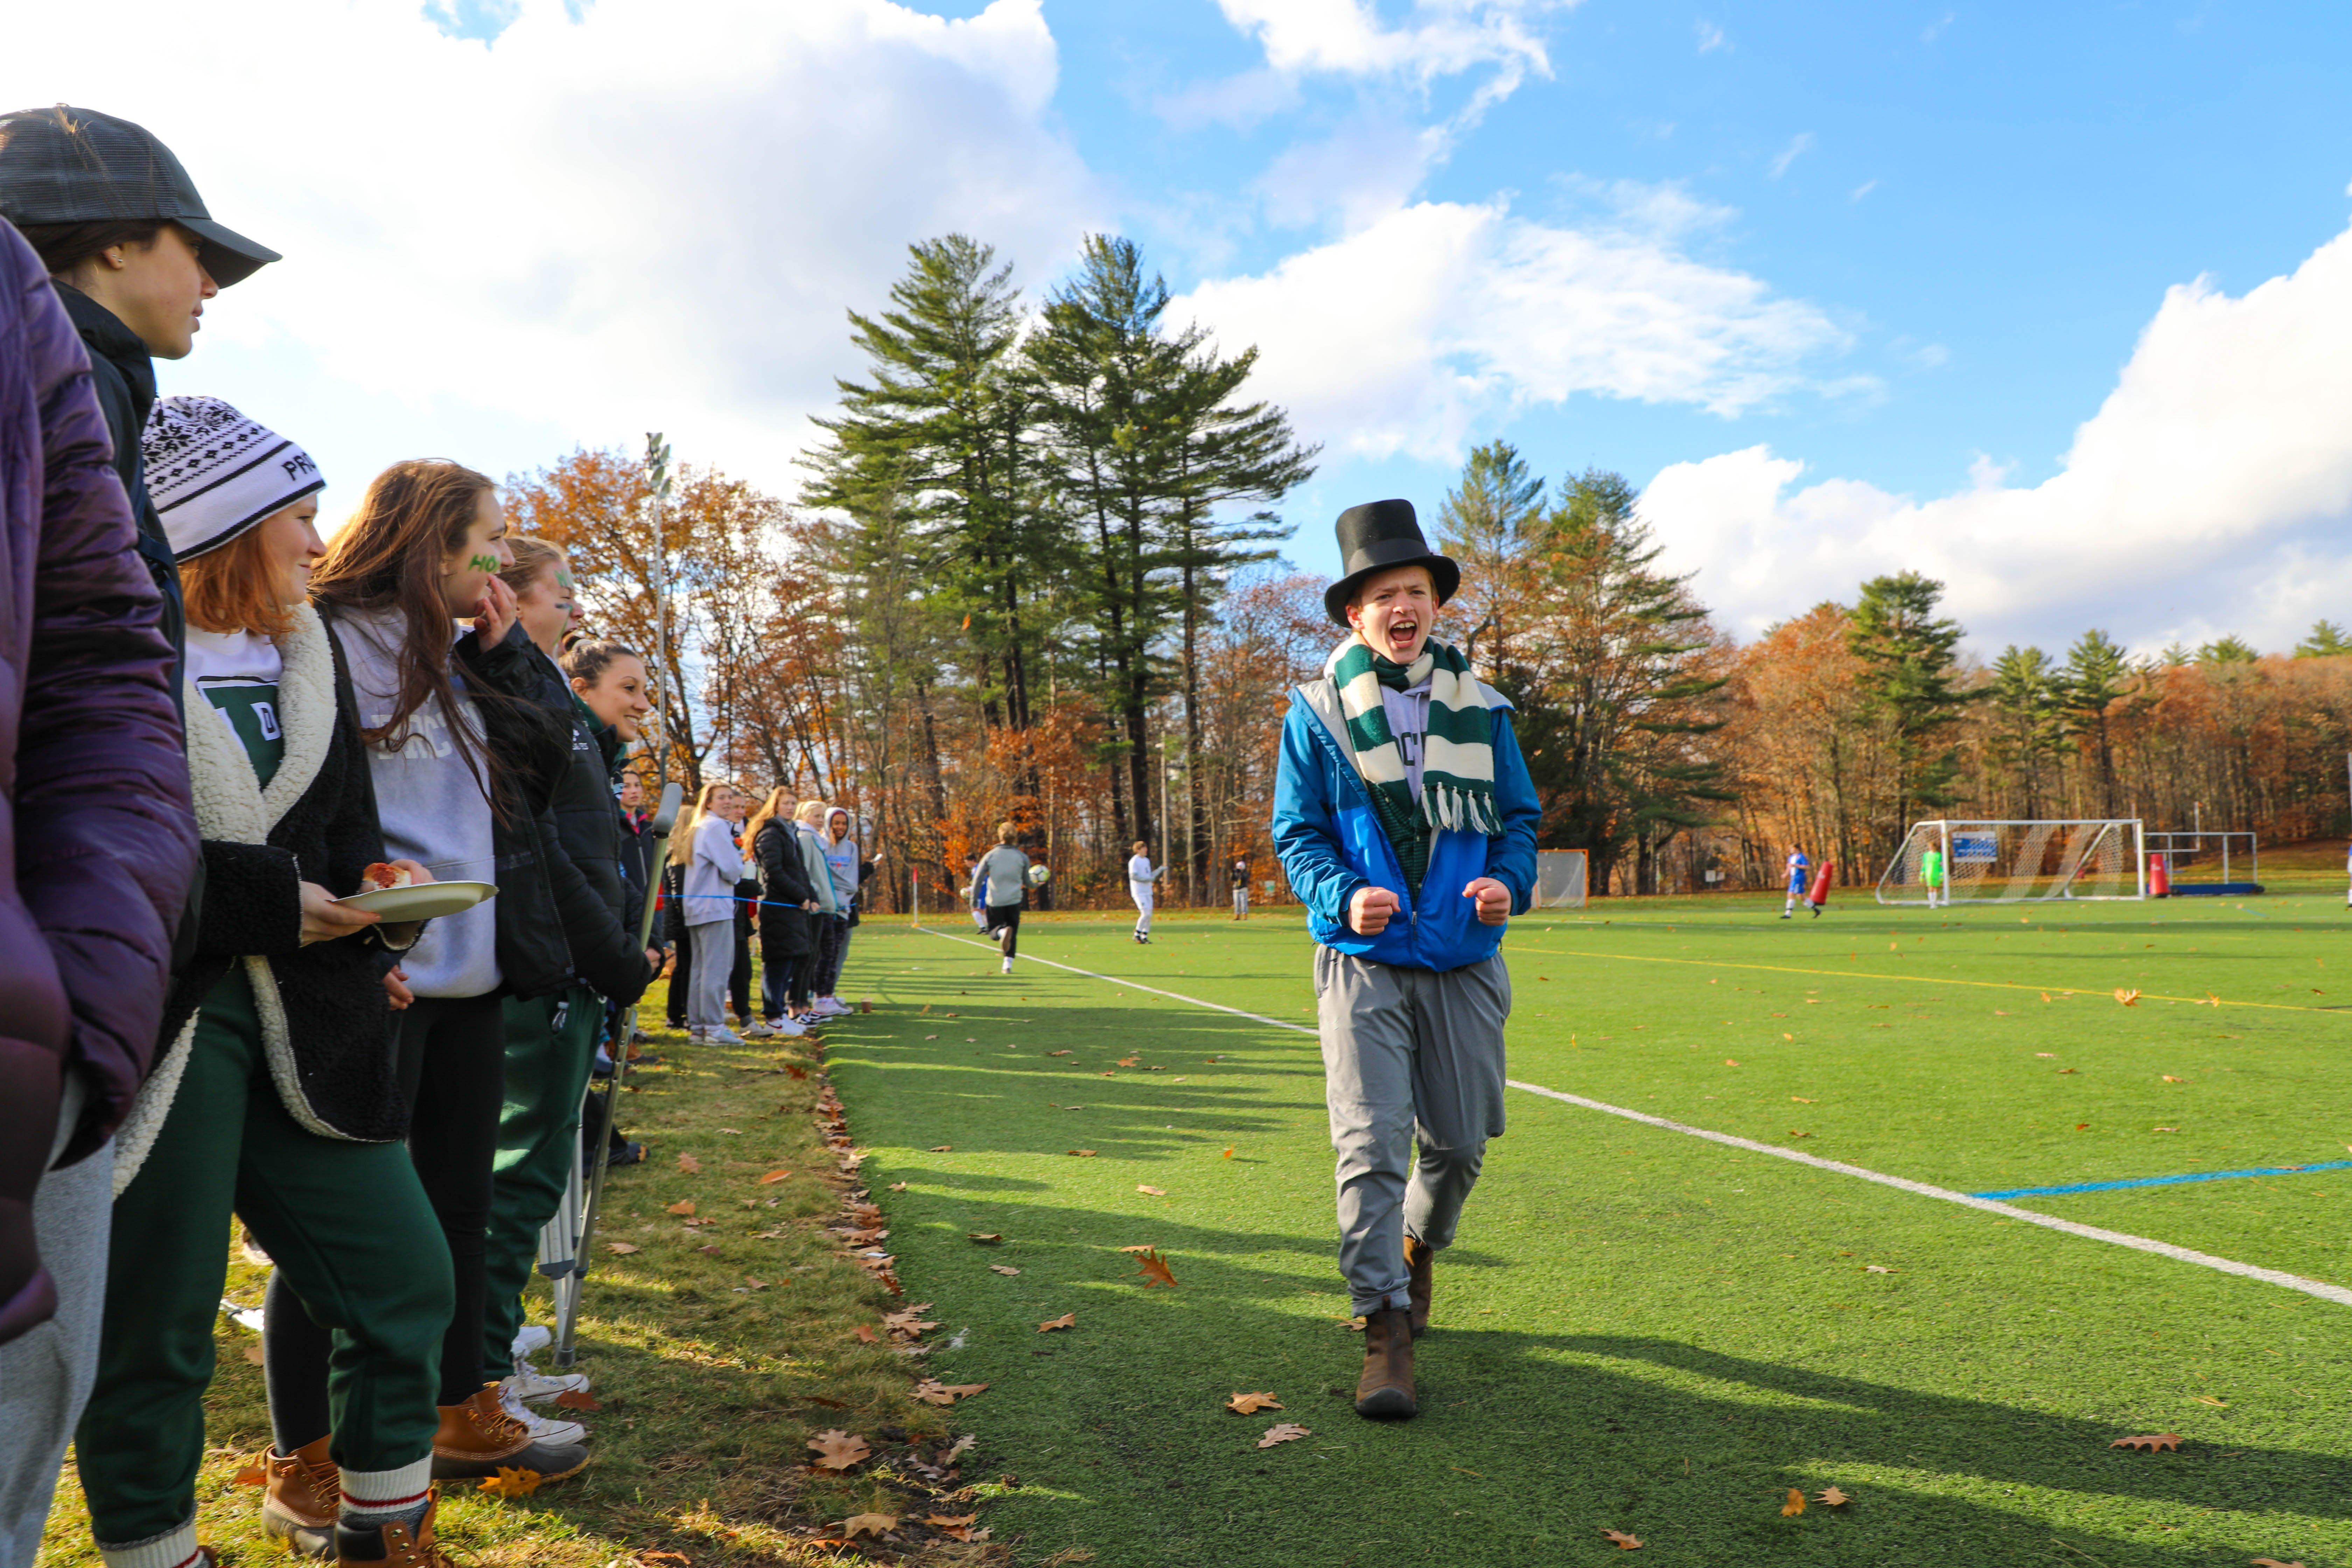 Proctor Academy Boarding School Athletics